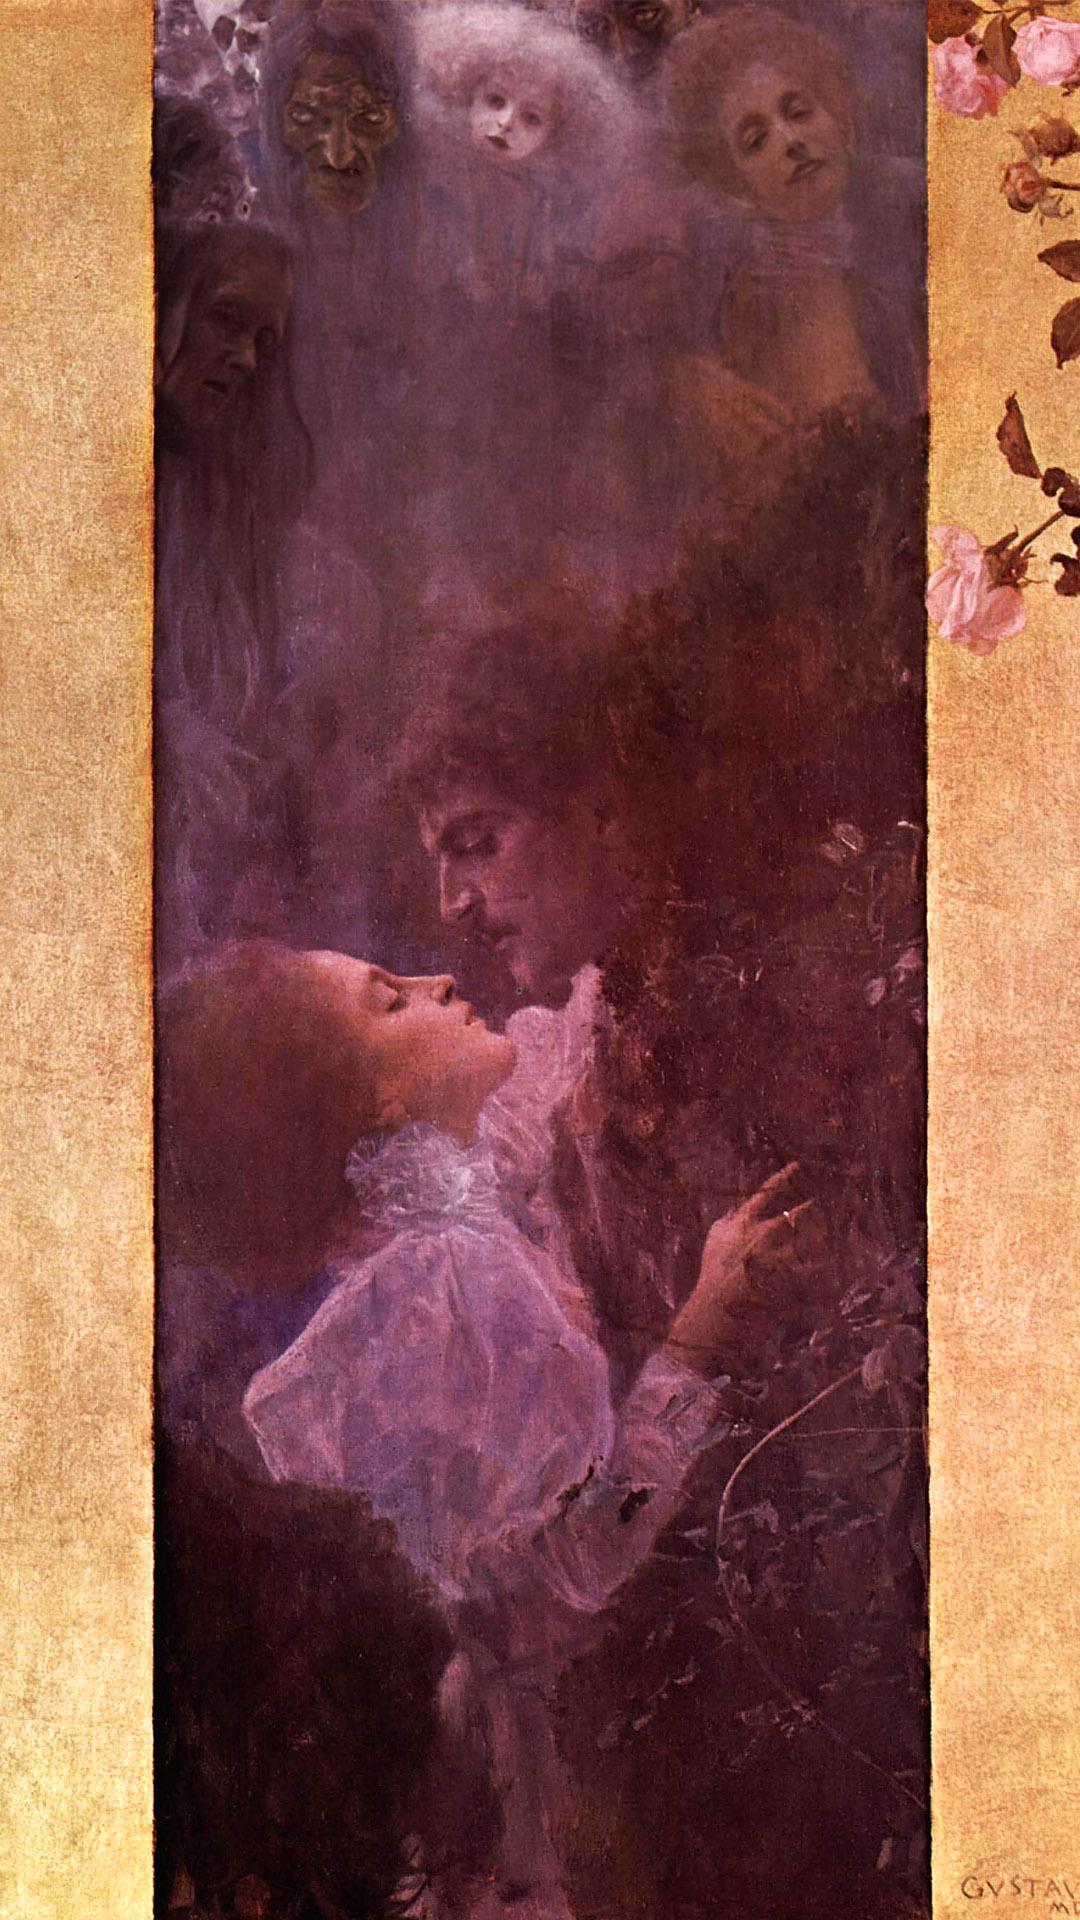 クリムト Gustav klimt - love 1080x1920 2